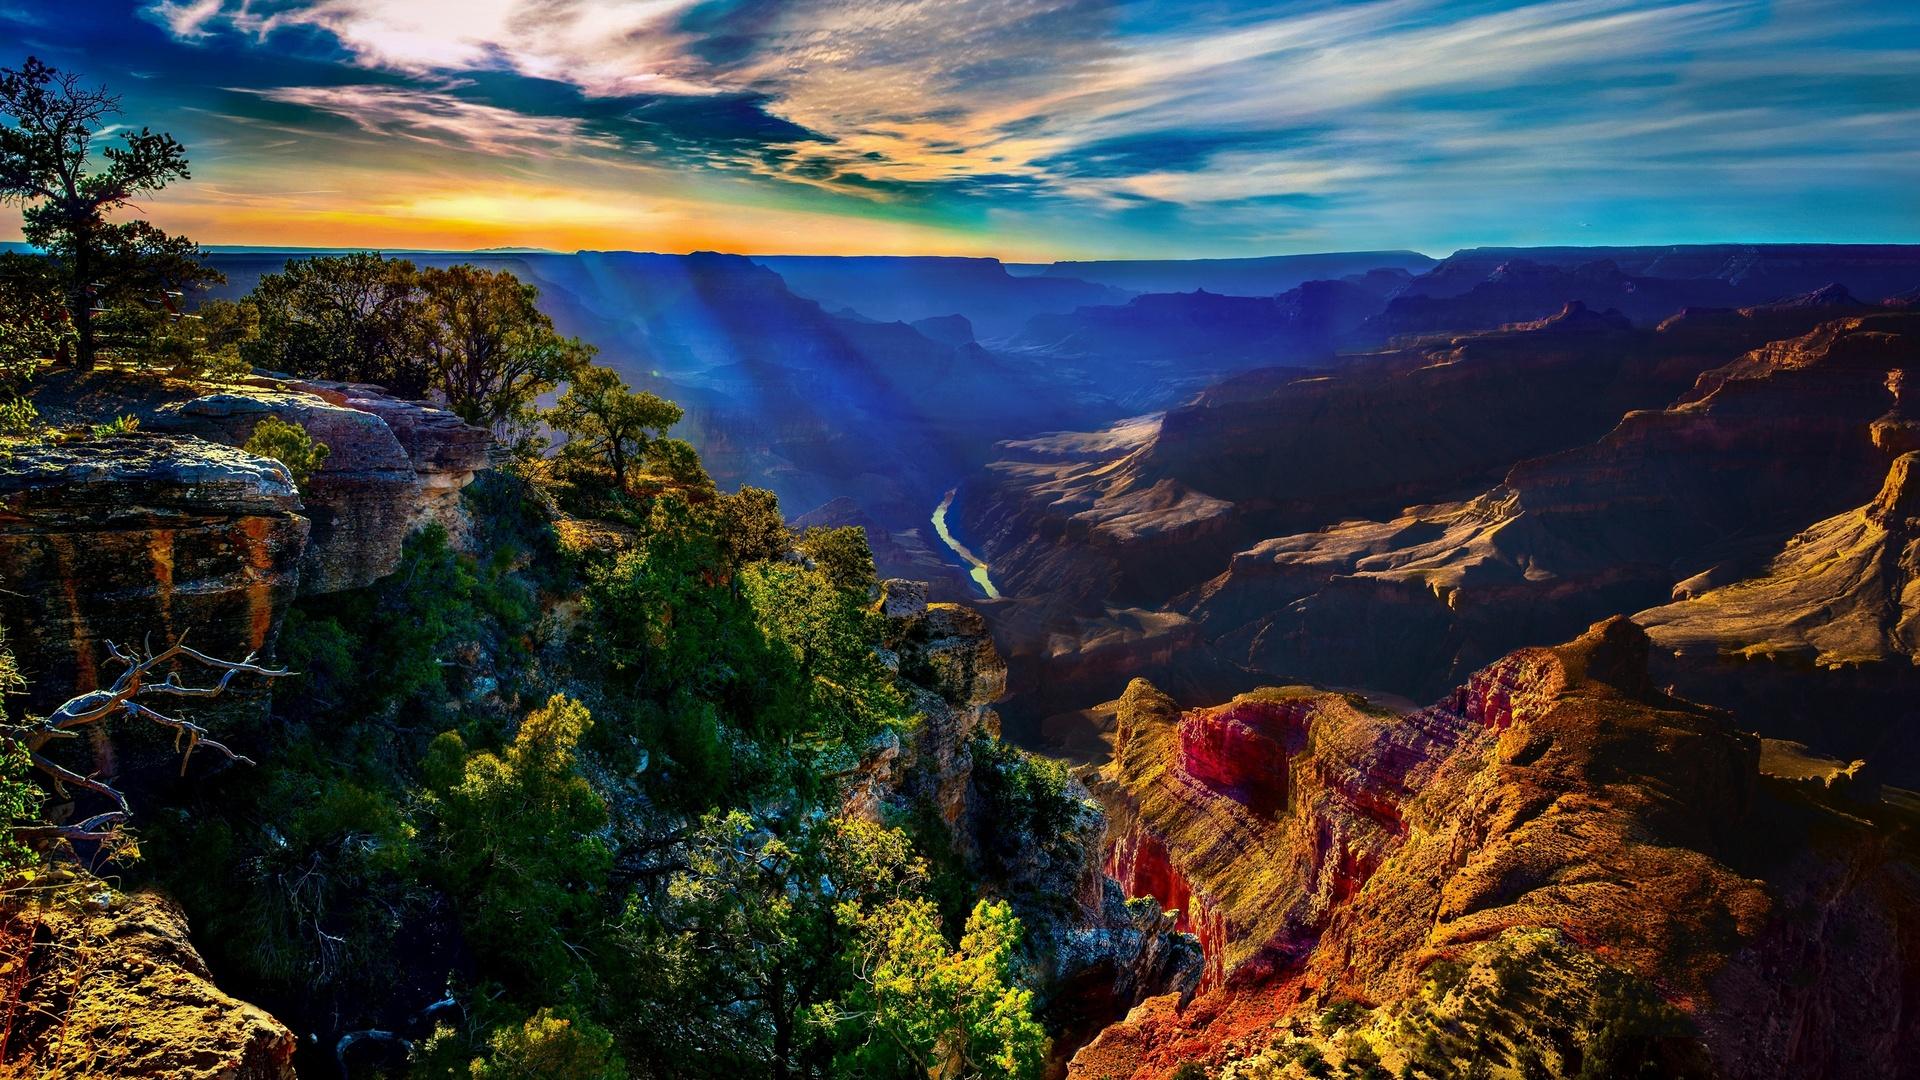 1920x1080 Canyon Landscape Laptop Full HD 1080P HD 4k ...